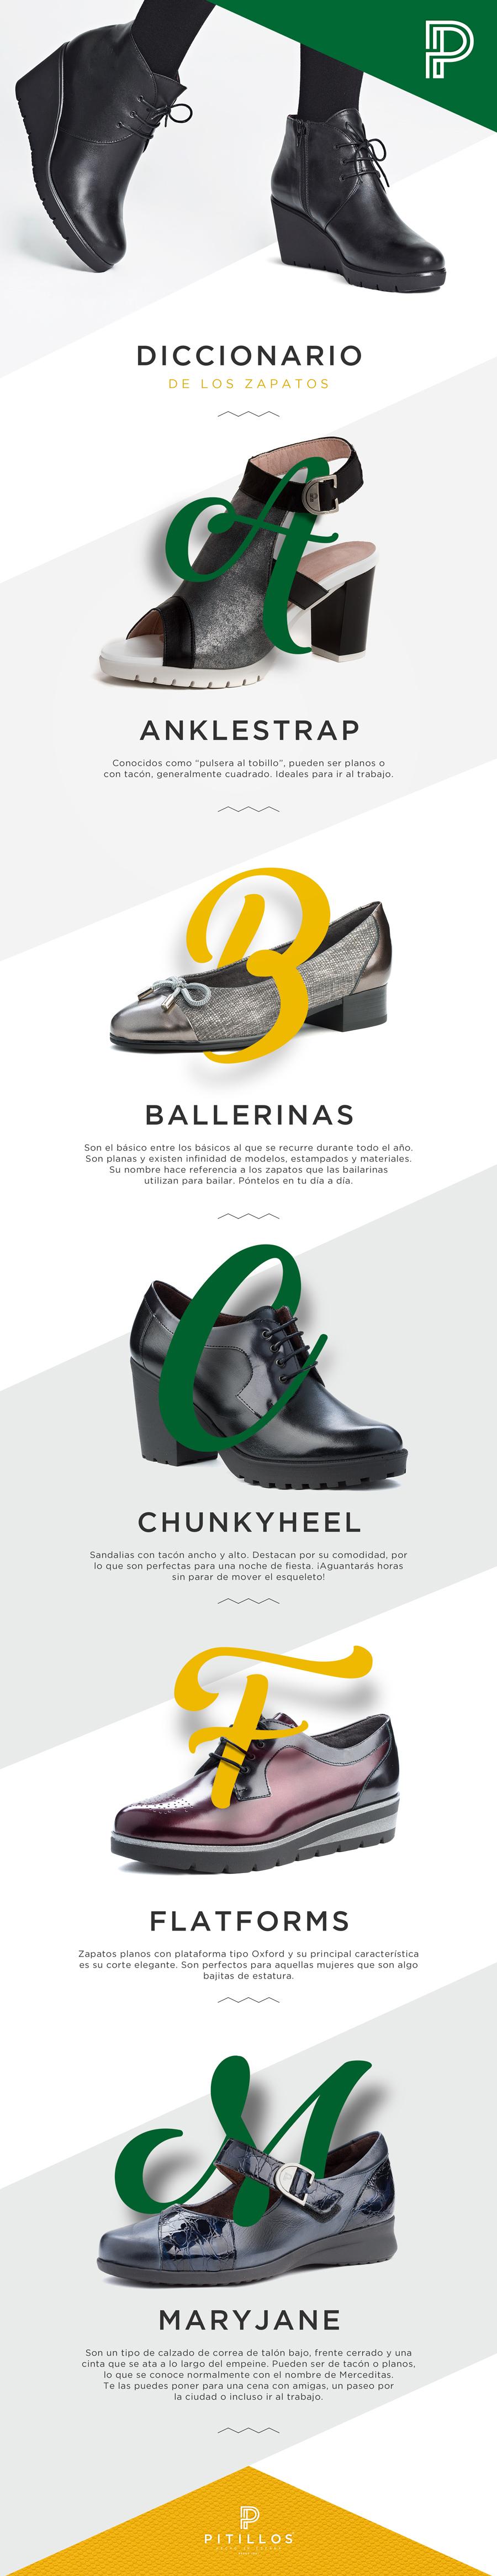 ¿Buscas zapatos cómodos y actuales? Descubre Zapatos Pitillos